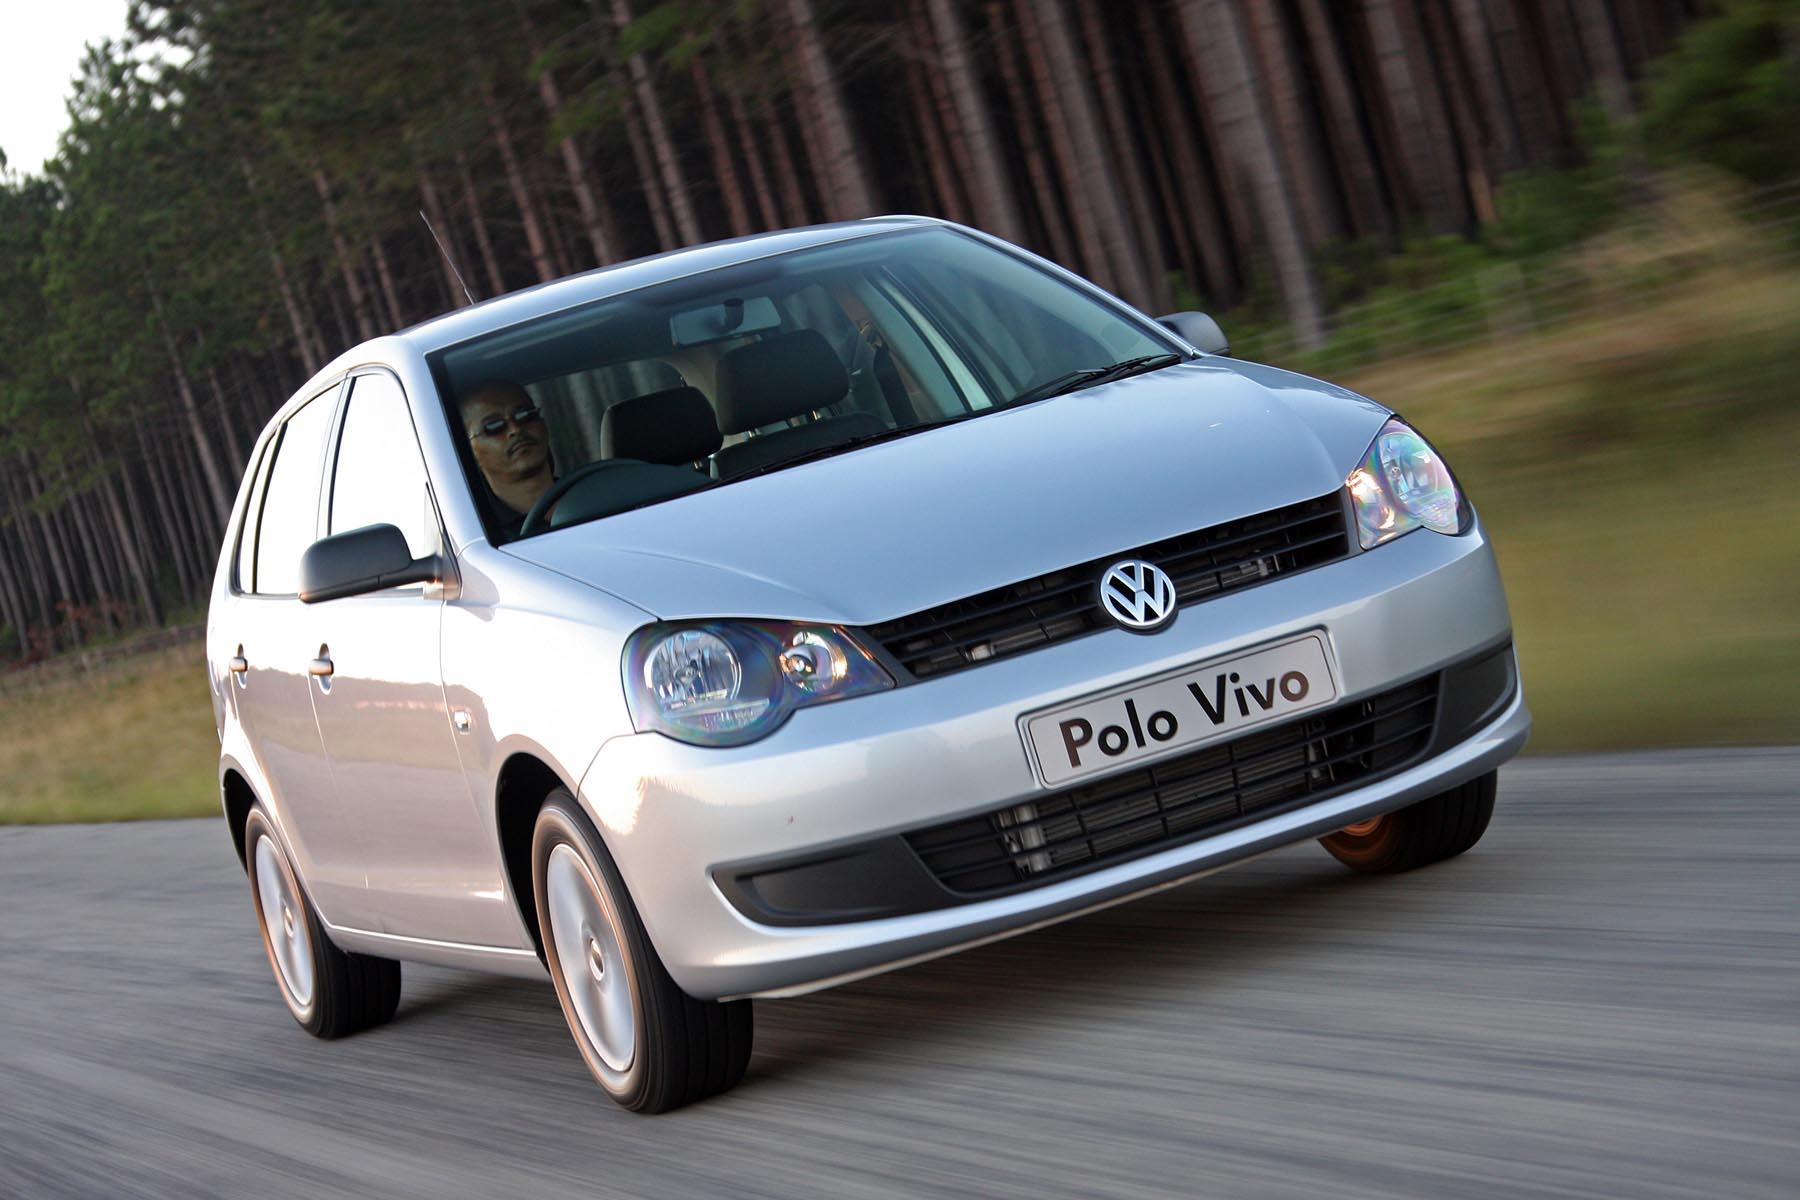 Vw Polo Vivo Image Details 2008 Touareg Fuse Diagram Volkswagen